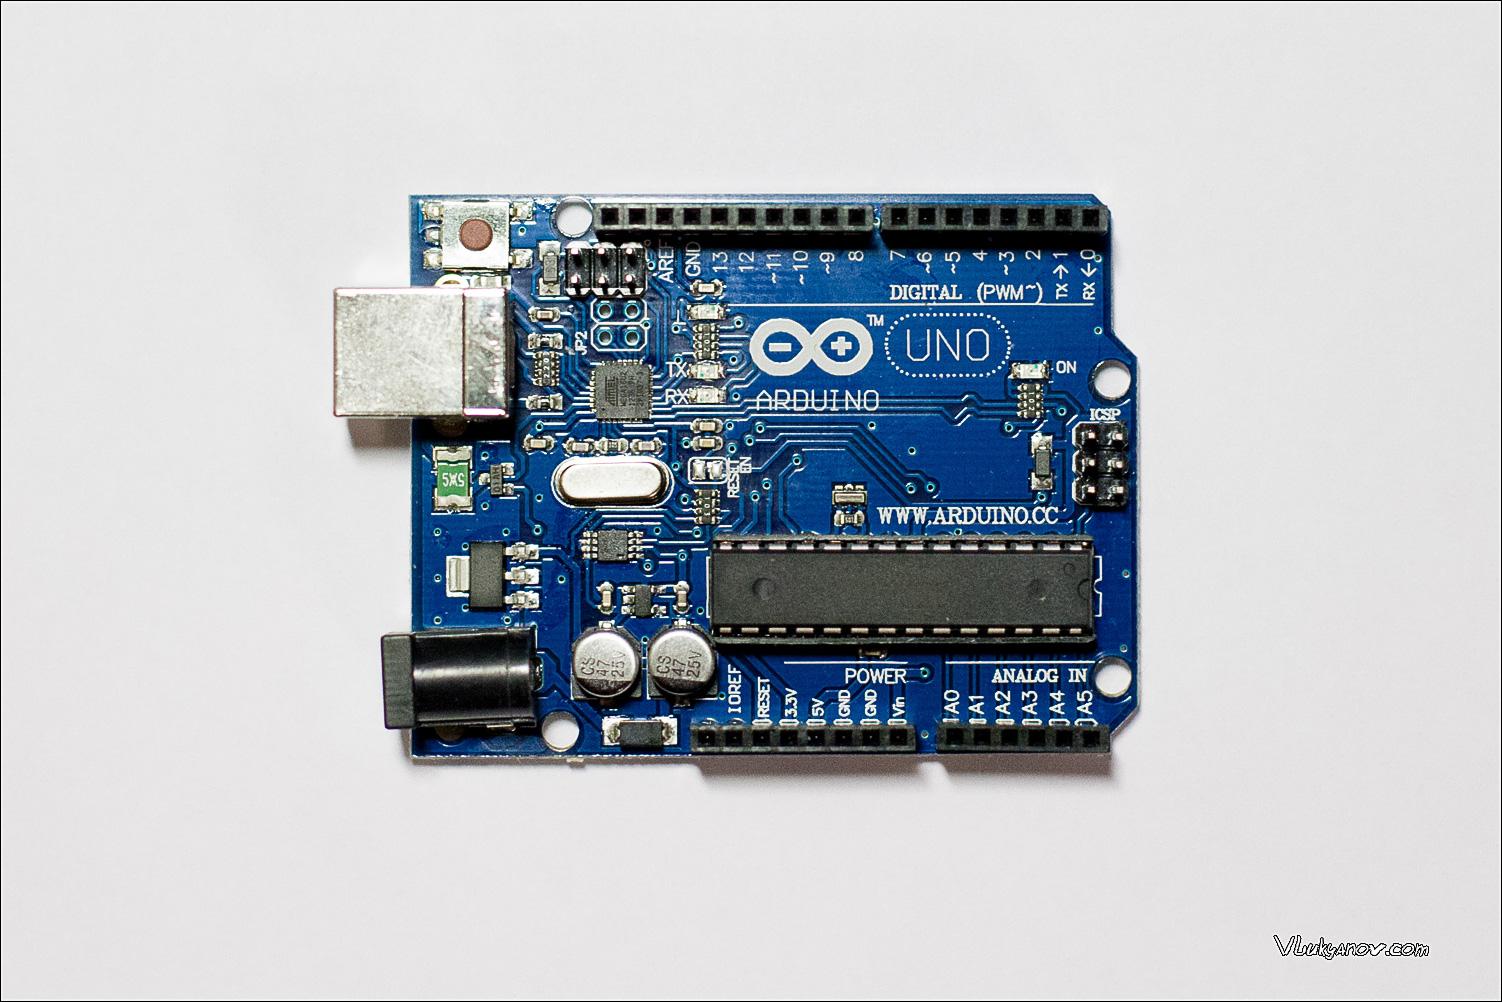 Блог о компьютерах  и компьютерной технике, Москва, Владимир Лукьянов, Arduino,